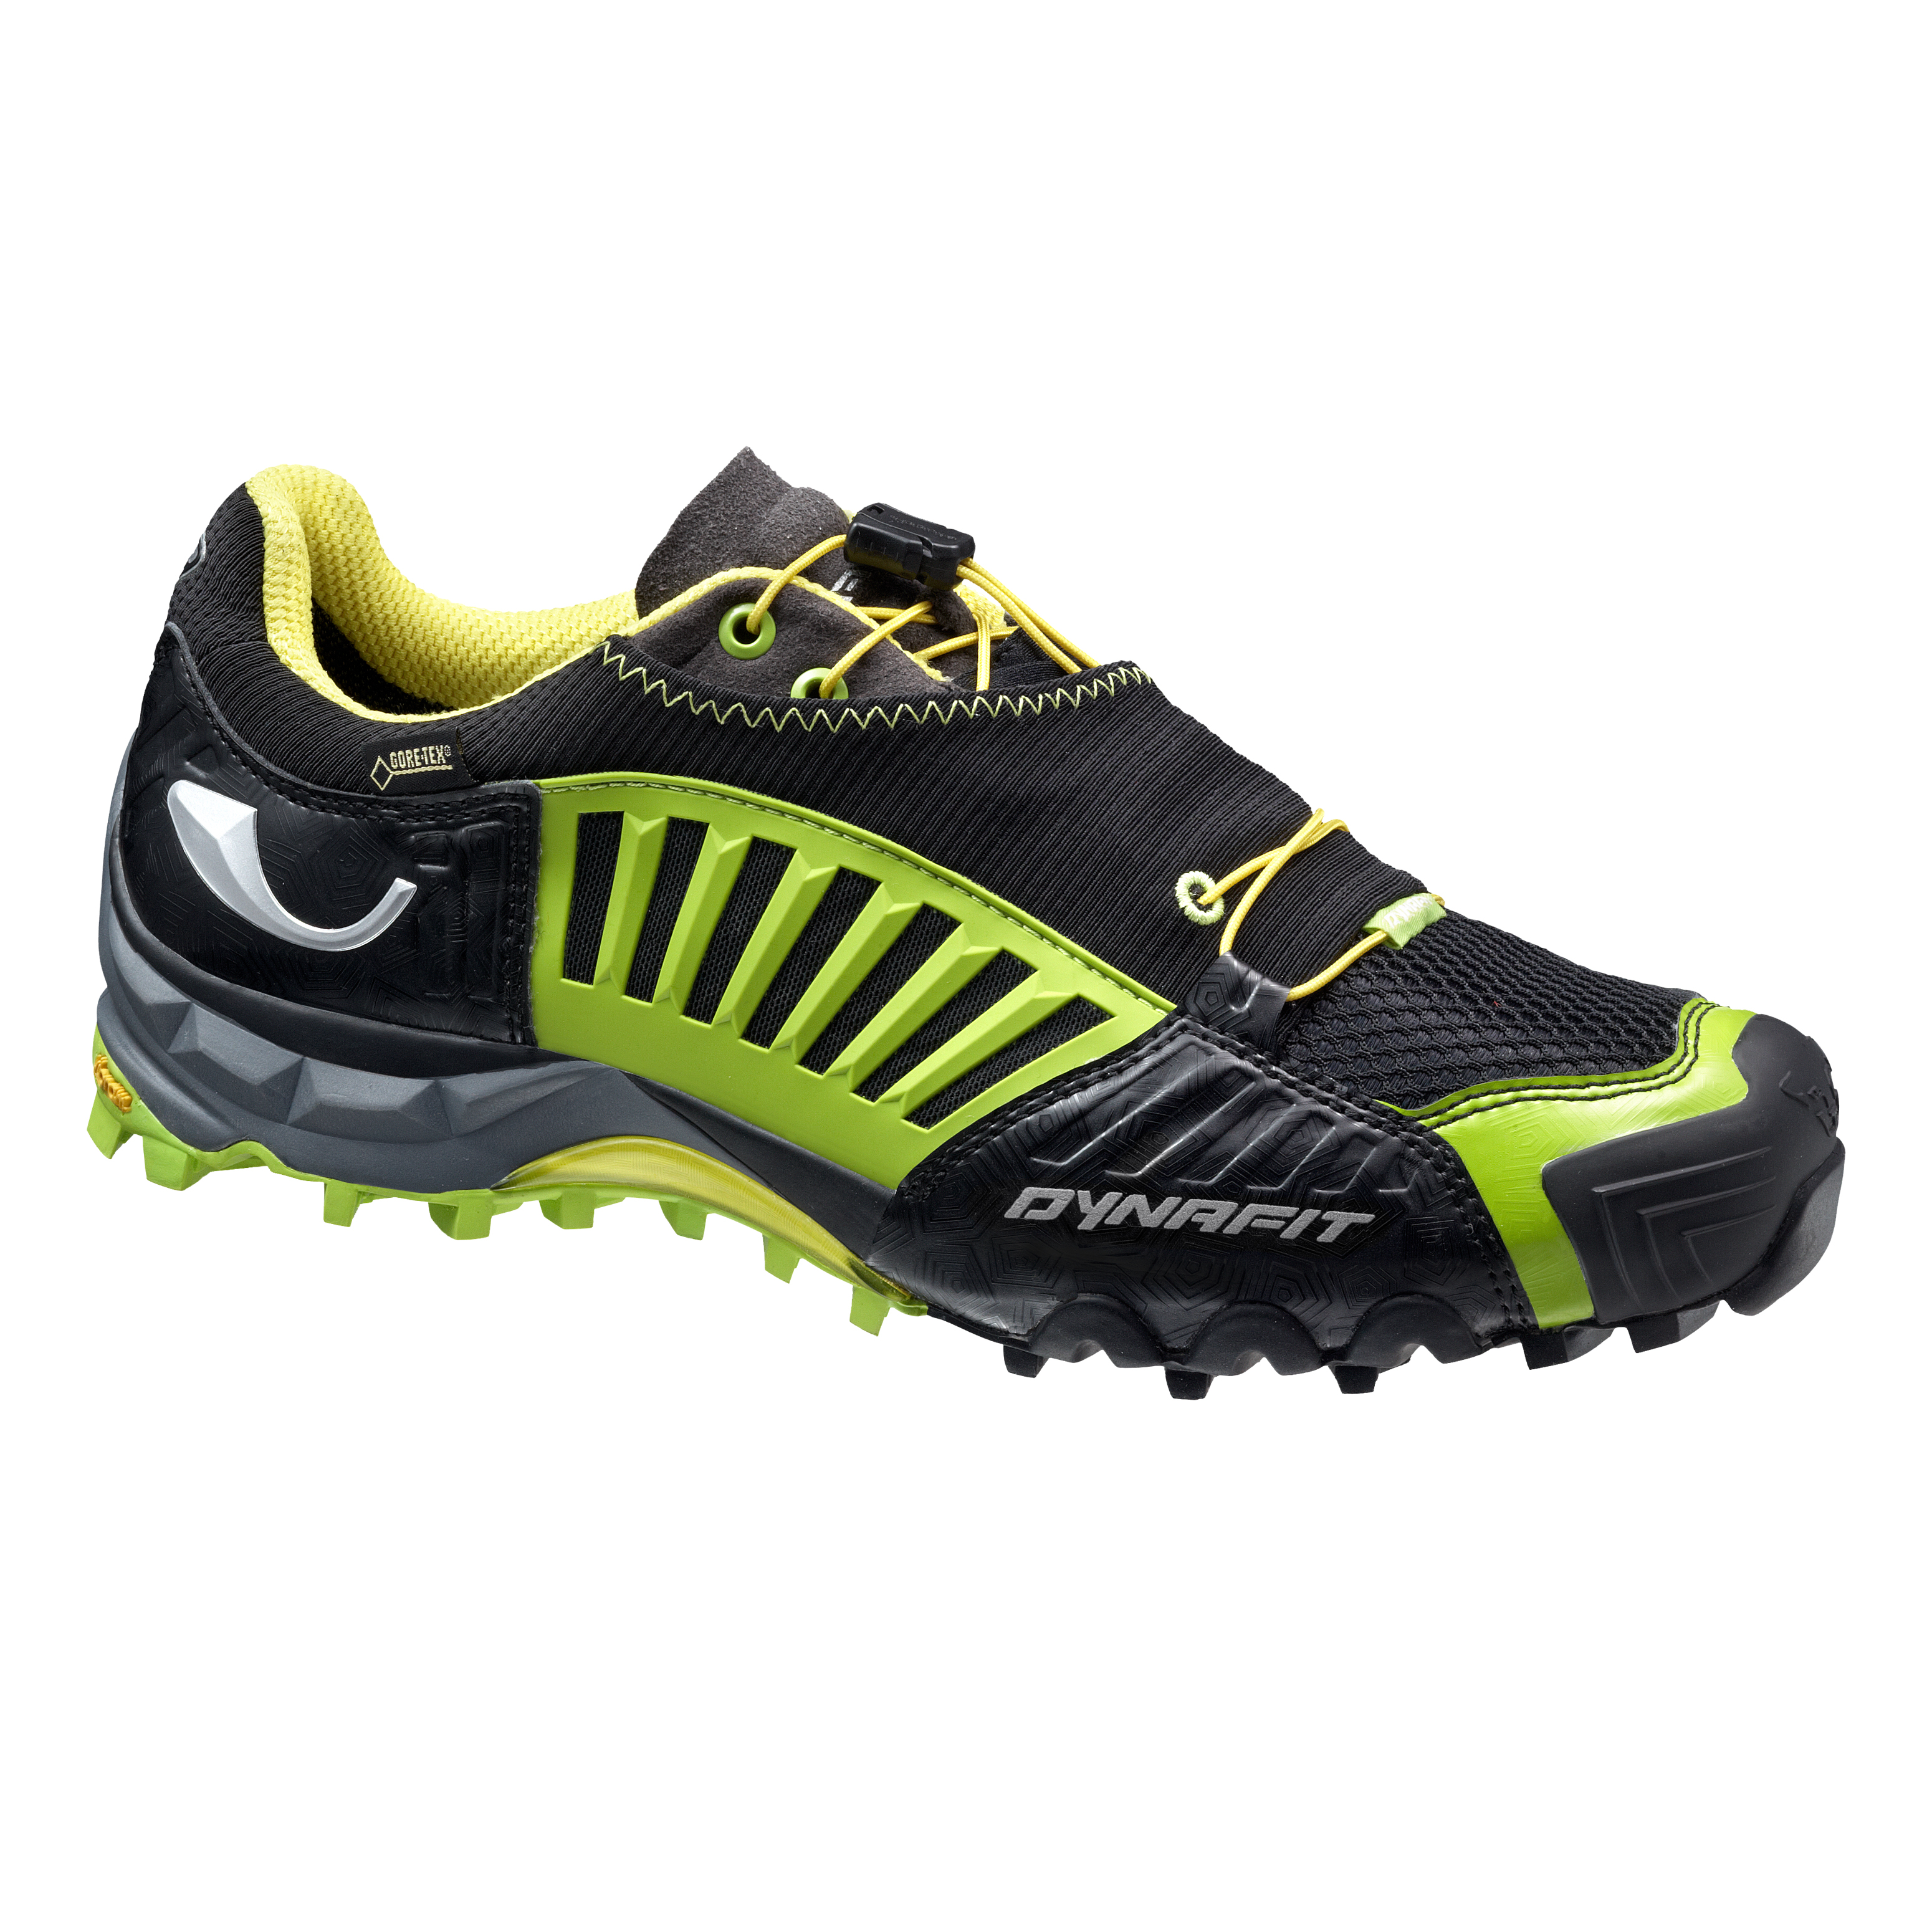 Купить Беговые кроссовки для XC Dynafit MS FELINE GTX Black/Cactus Кроссовки бега 1188433